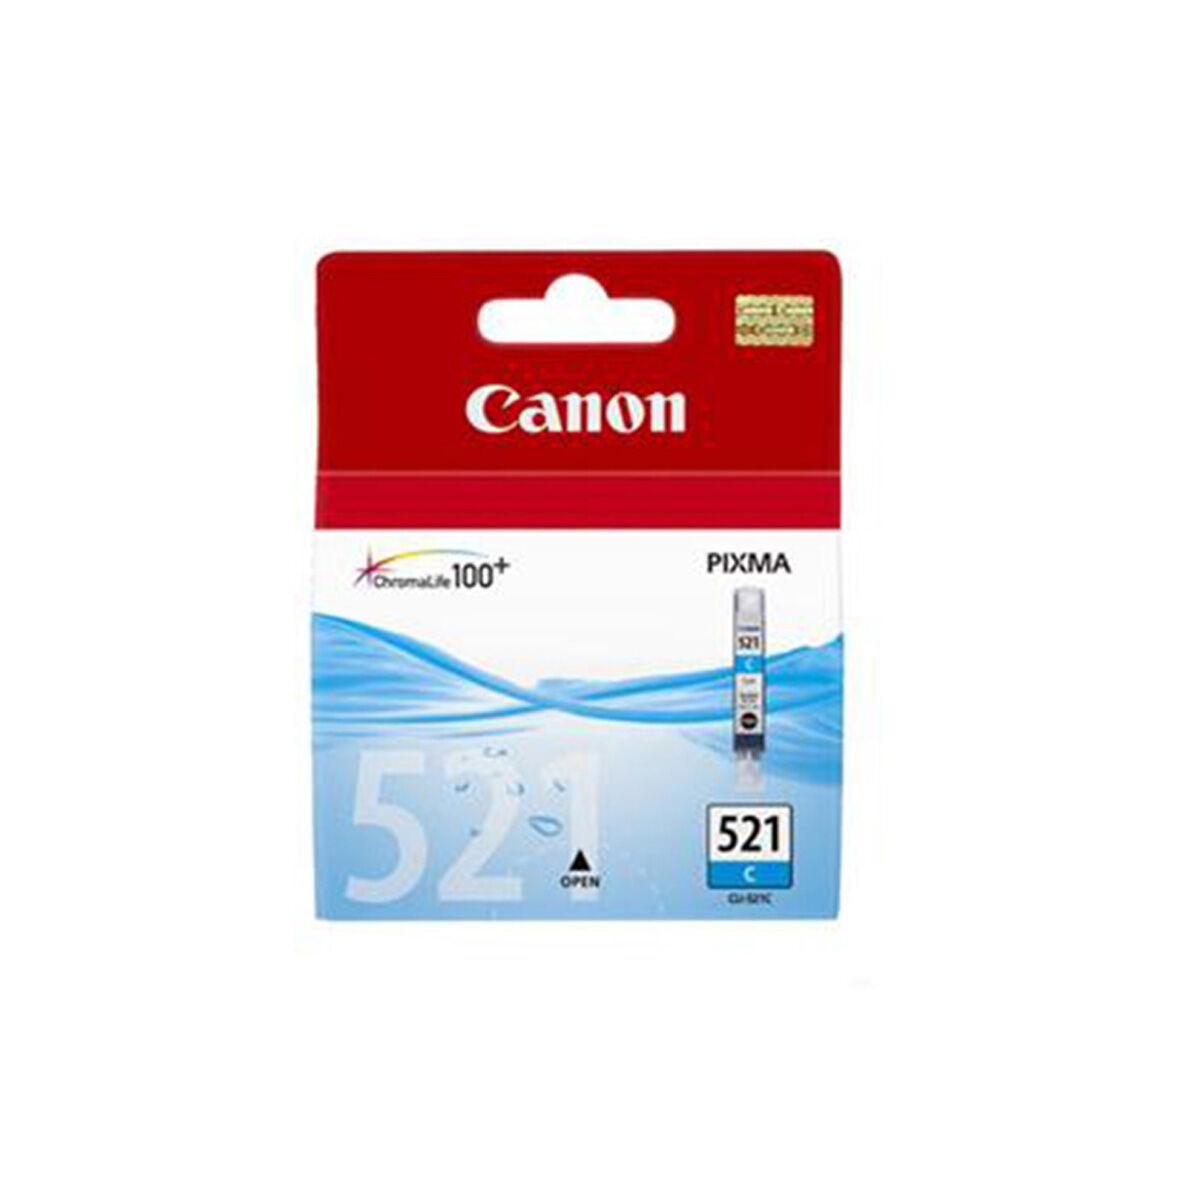 Cartouche Imprimante Canon - 521 Cyan